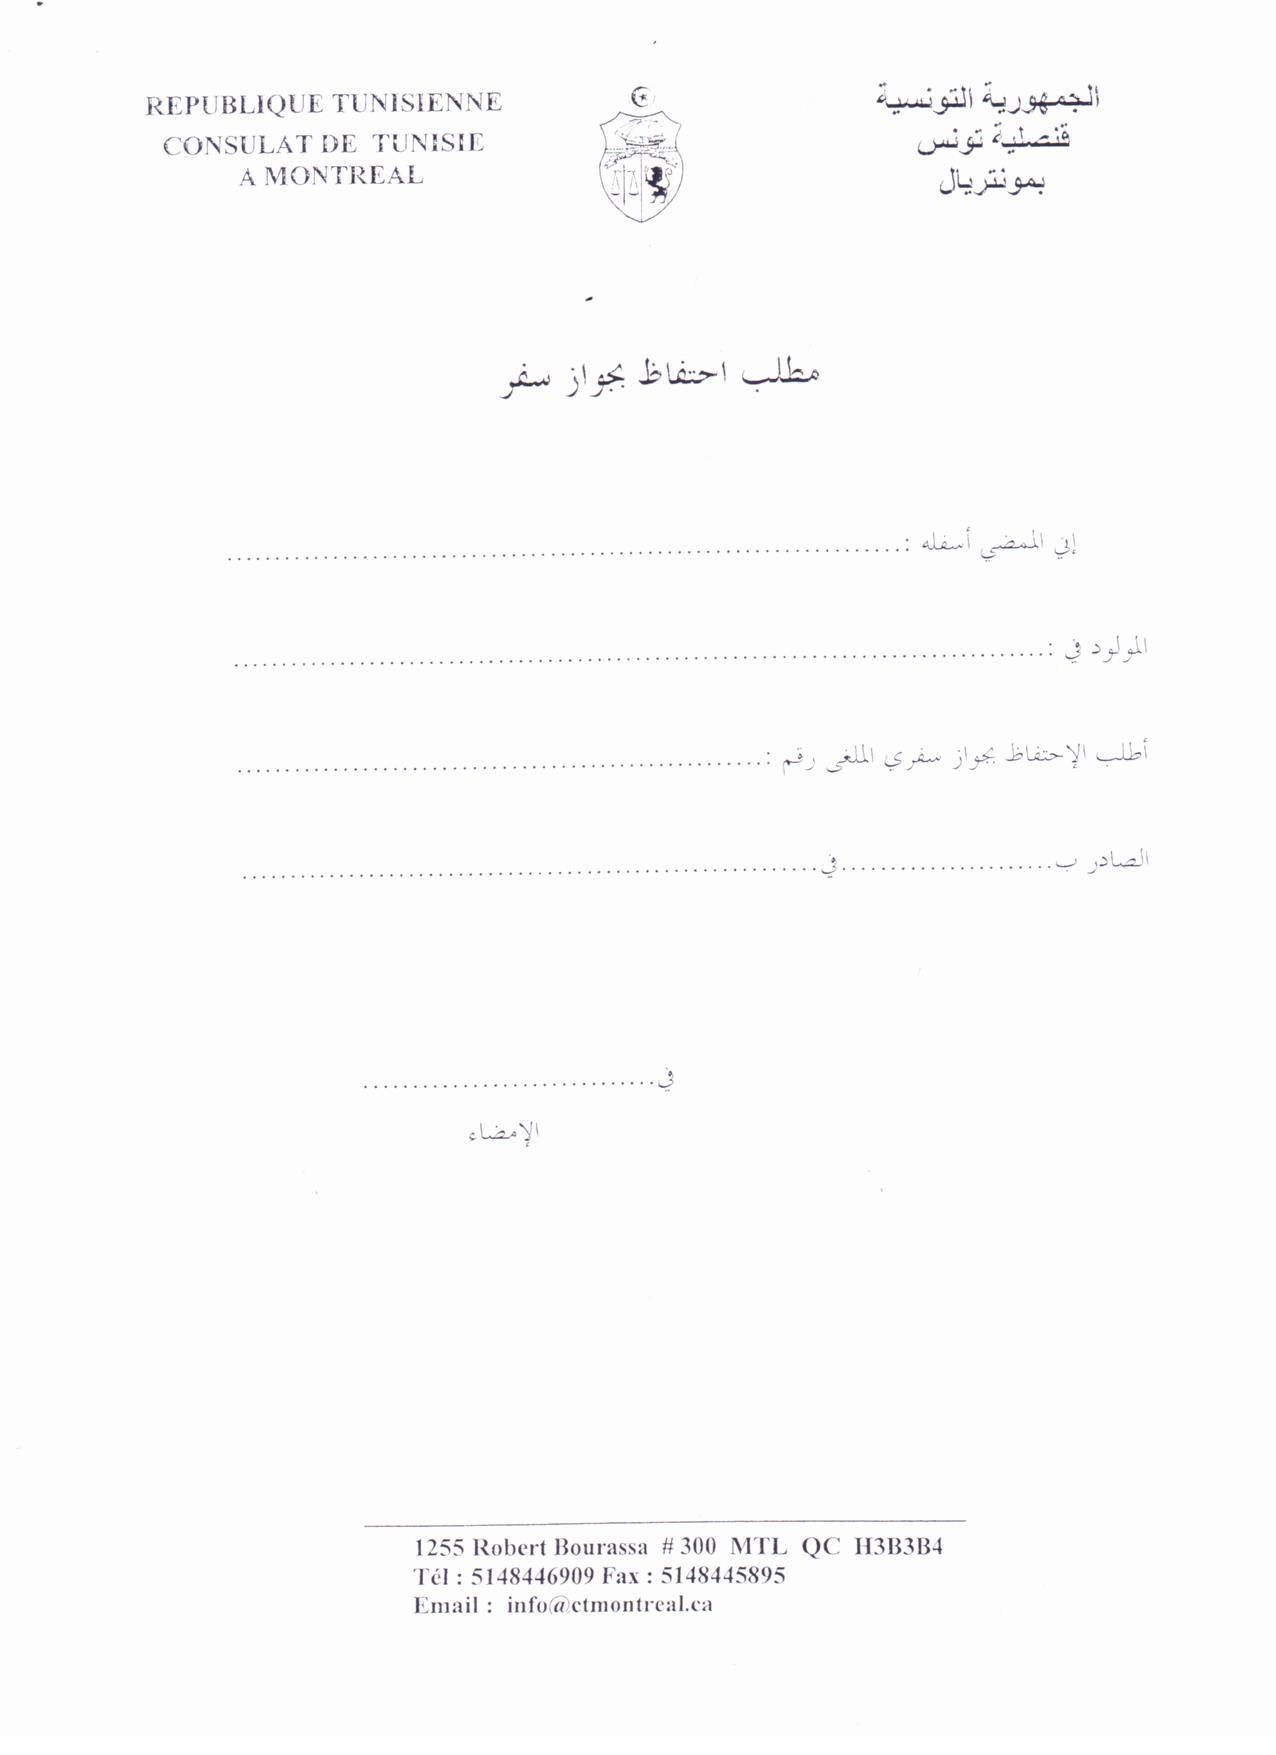 PROCURATION CONSULAT ALGERIE